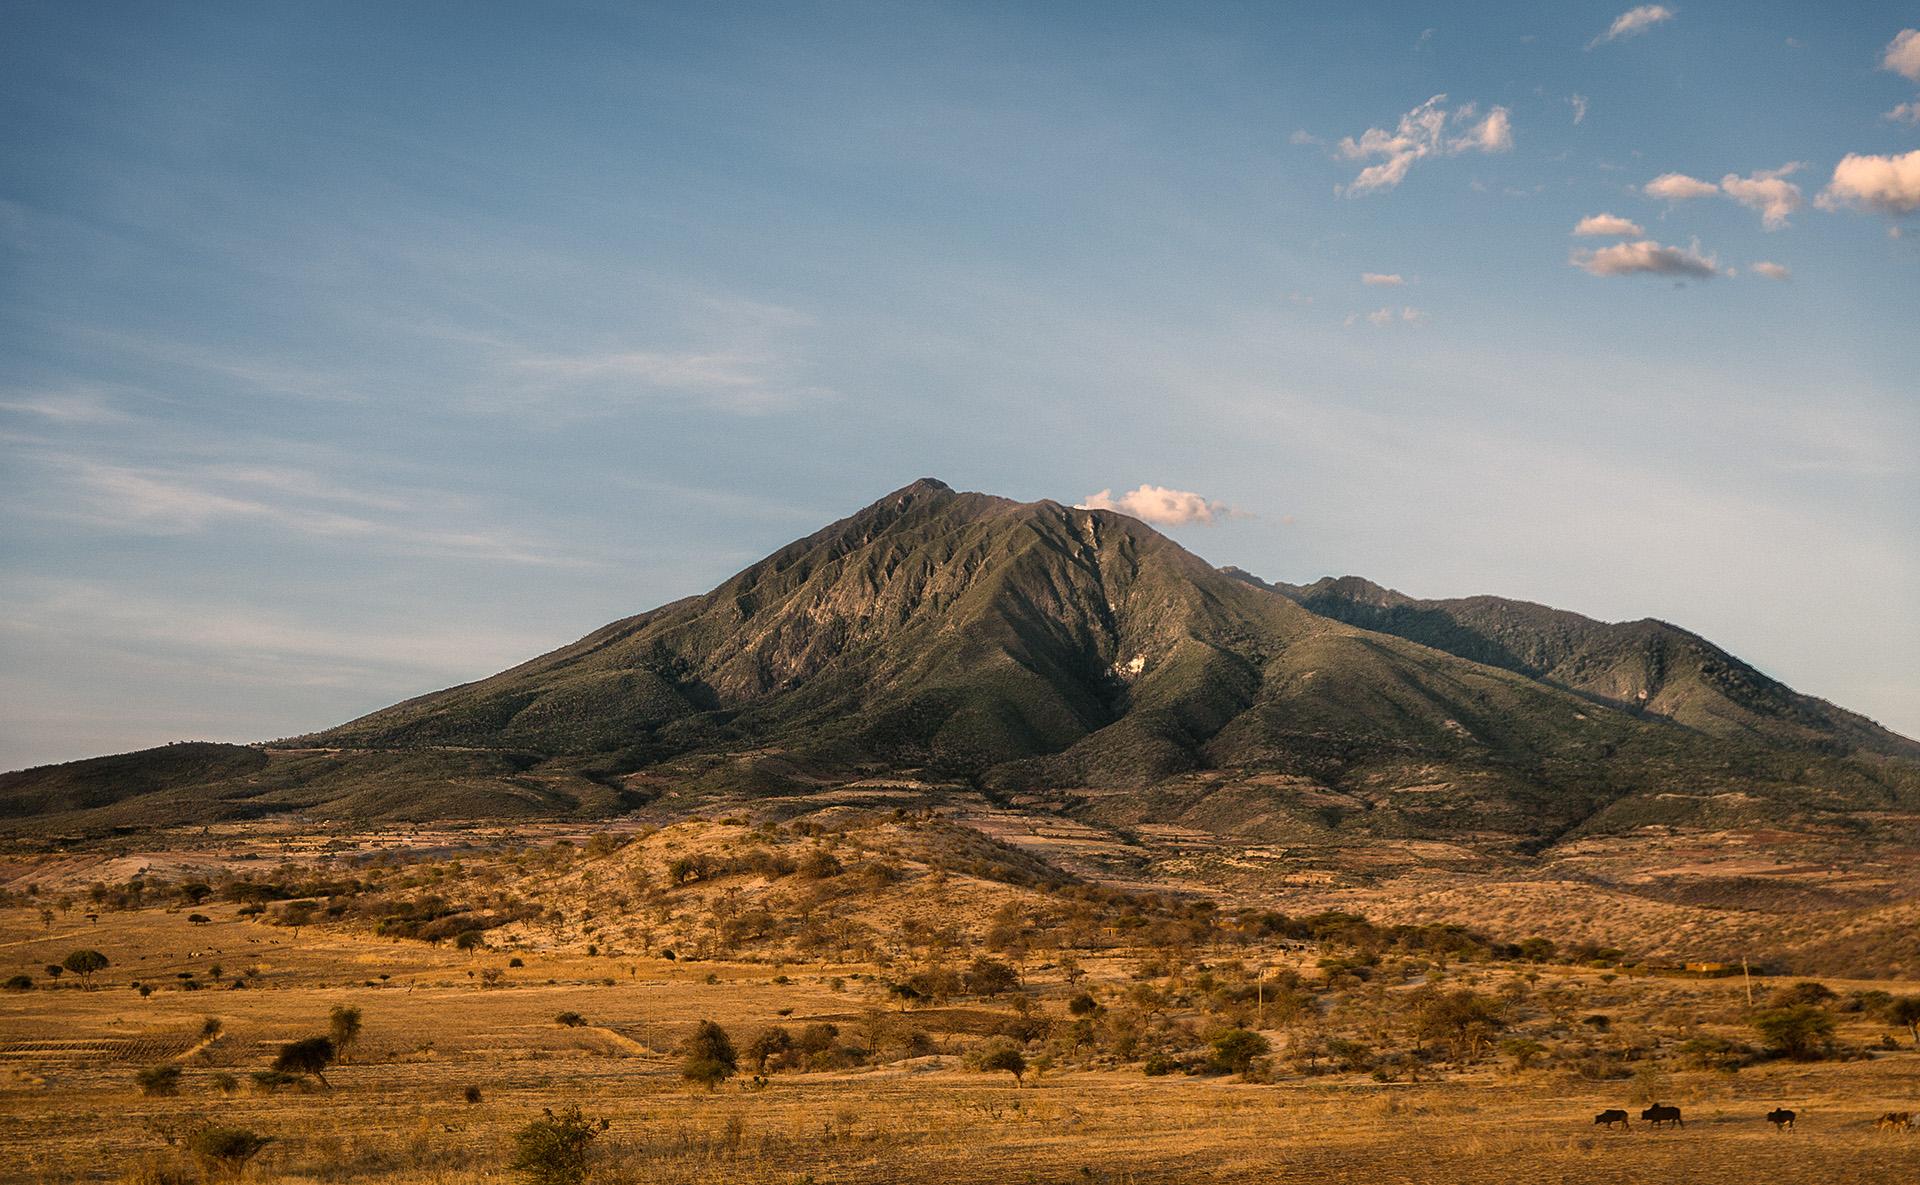 Mont Hanang, troisième plus haut sommet de Tanzanie, accéssible par la voie principale depuis la ville de Katesh